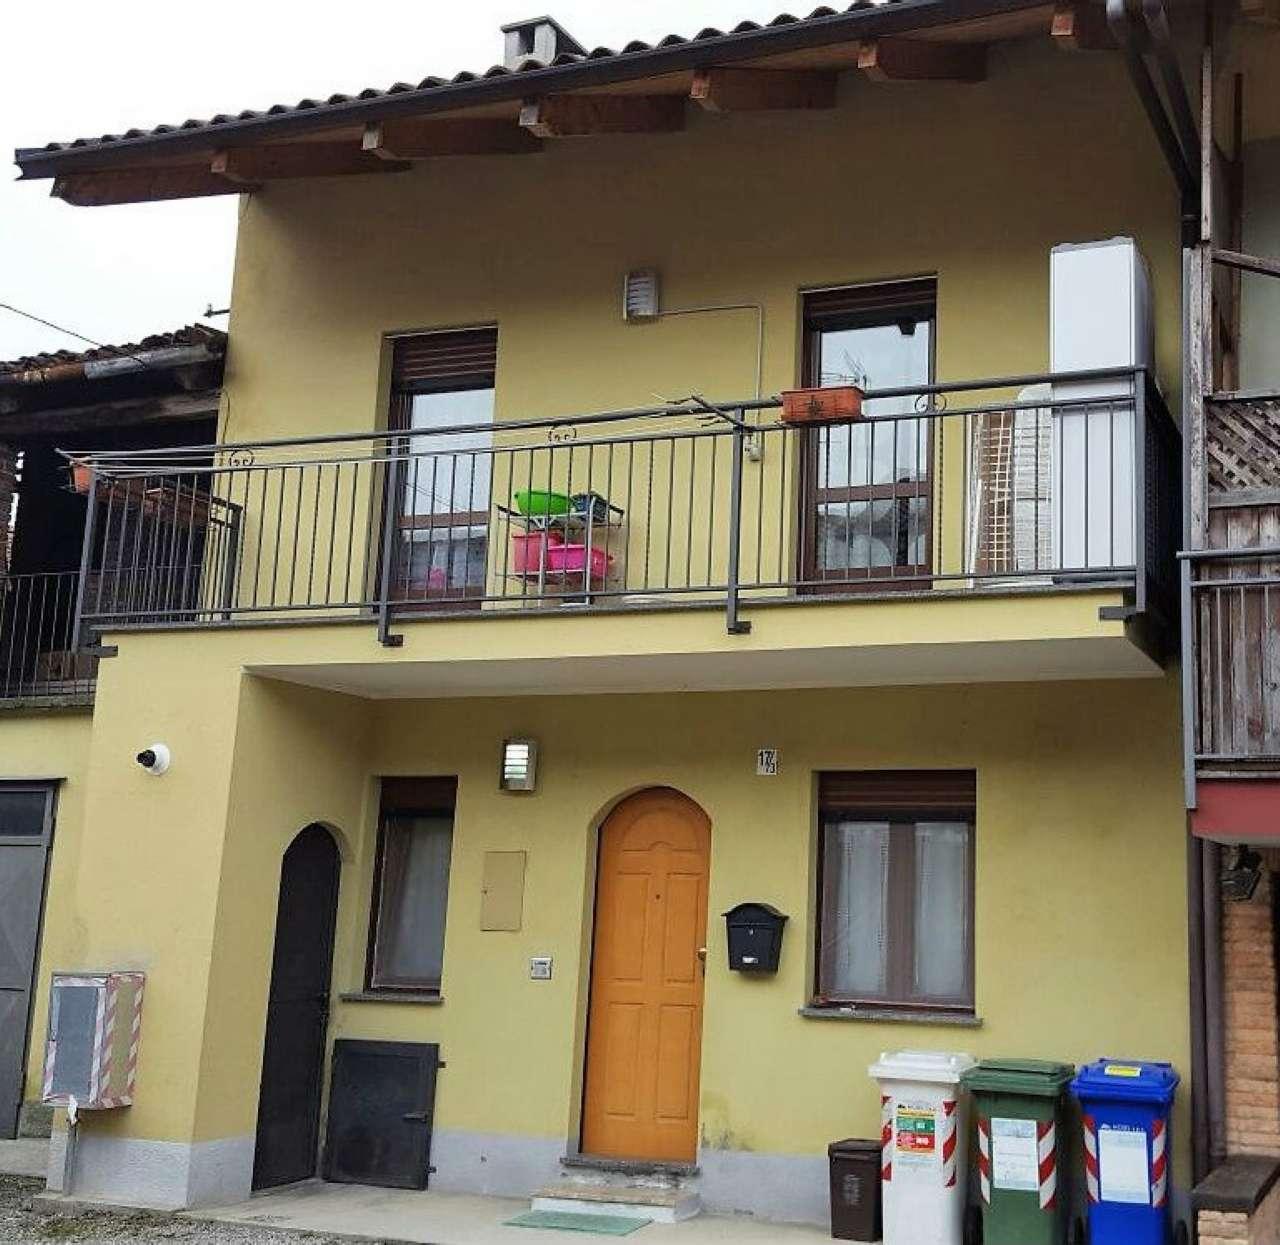 Soluzione Indipendente in vendita a Almese, 3 locali, prezzo € 120.000 | Cambio Casa.it